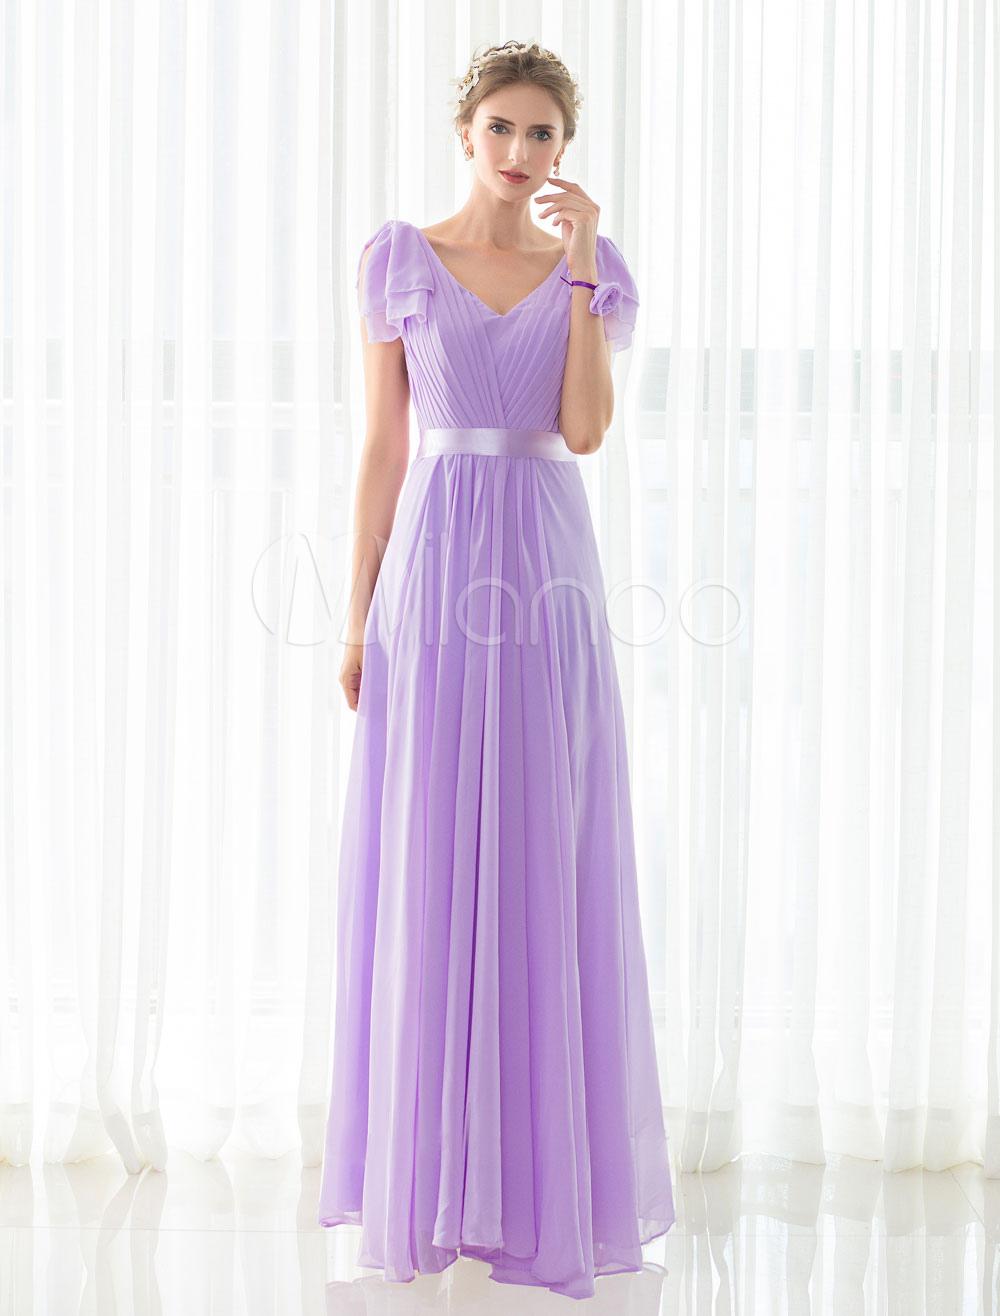 Chifón dama de honor vestido lila Maxi-vestido con cuello en v marco ...